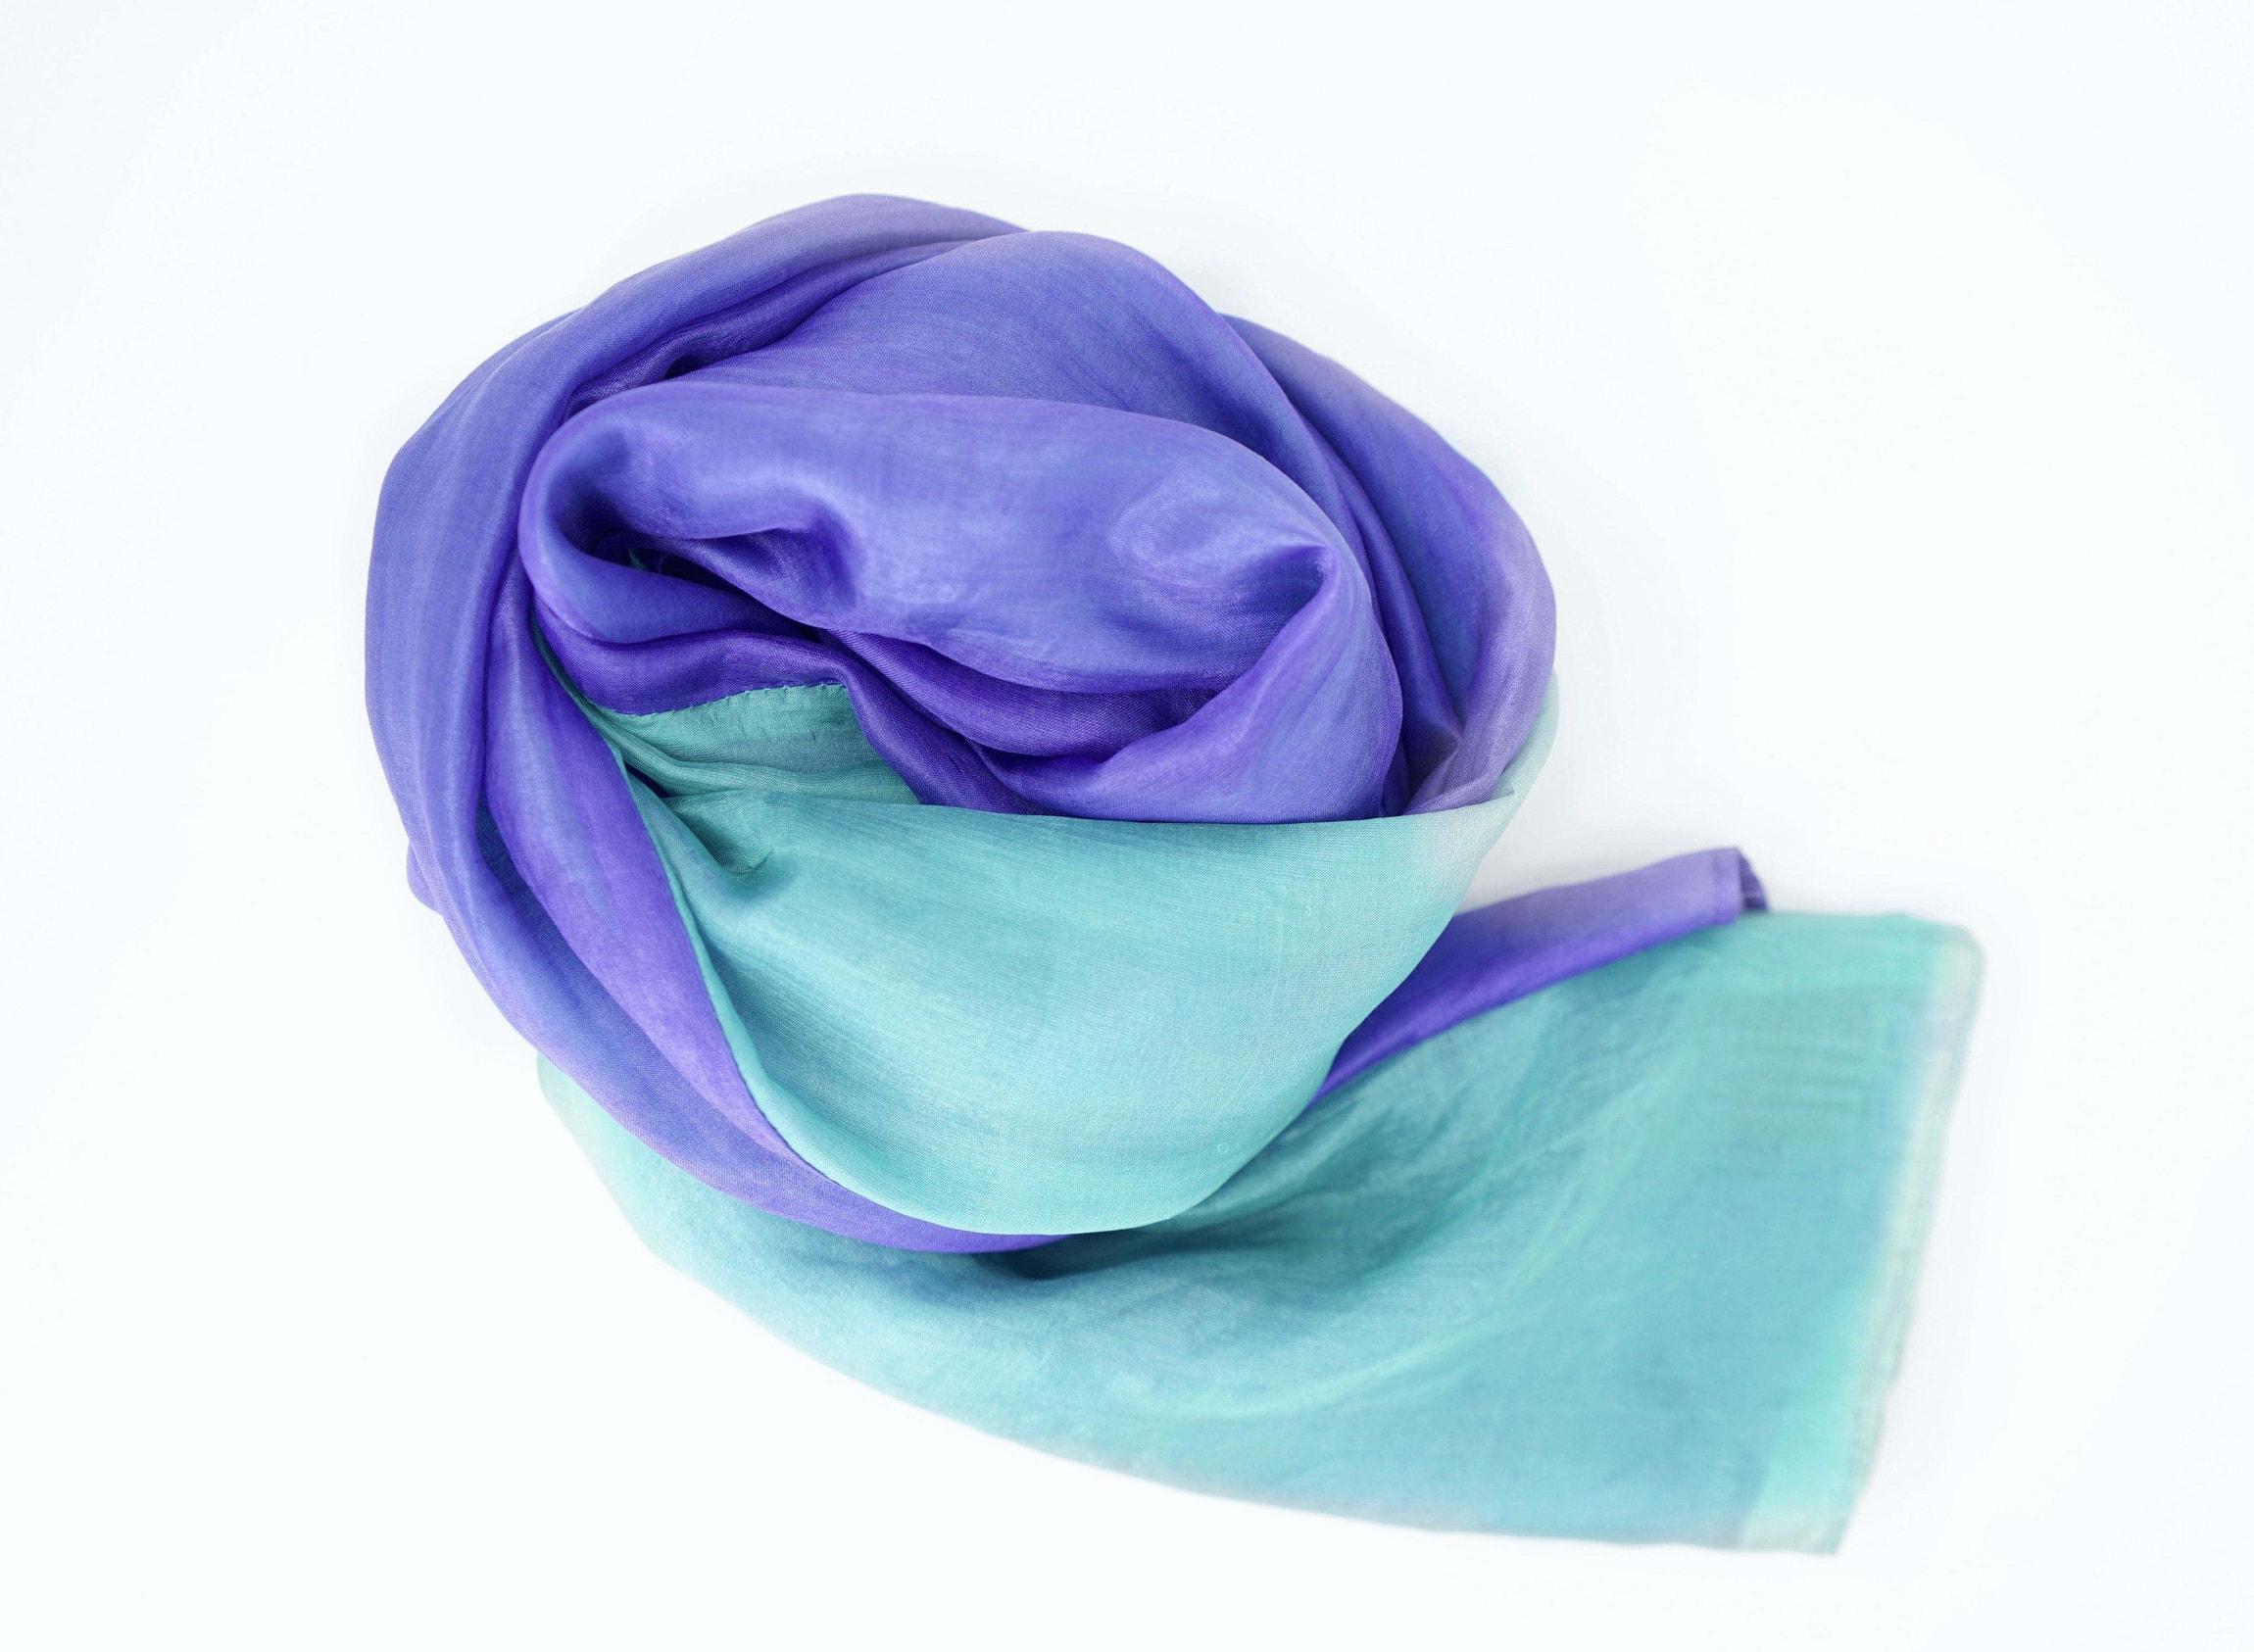 foulard en soie naturelle violet et turquoise, traditionnellement tissé au Cambodge